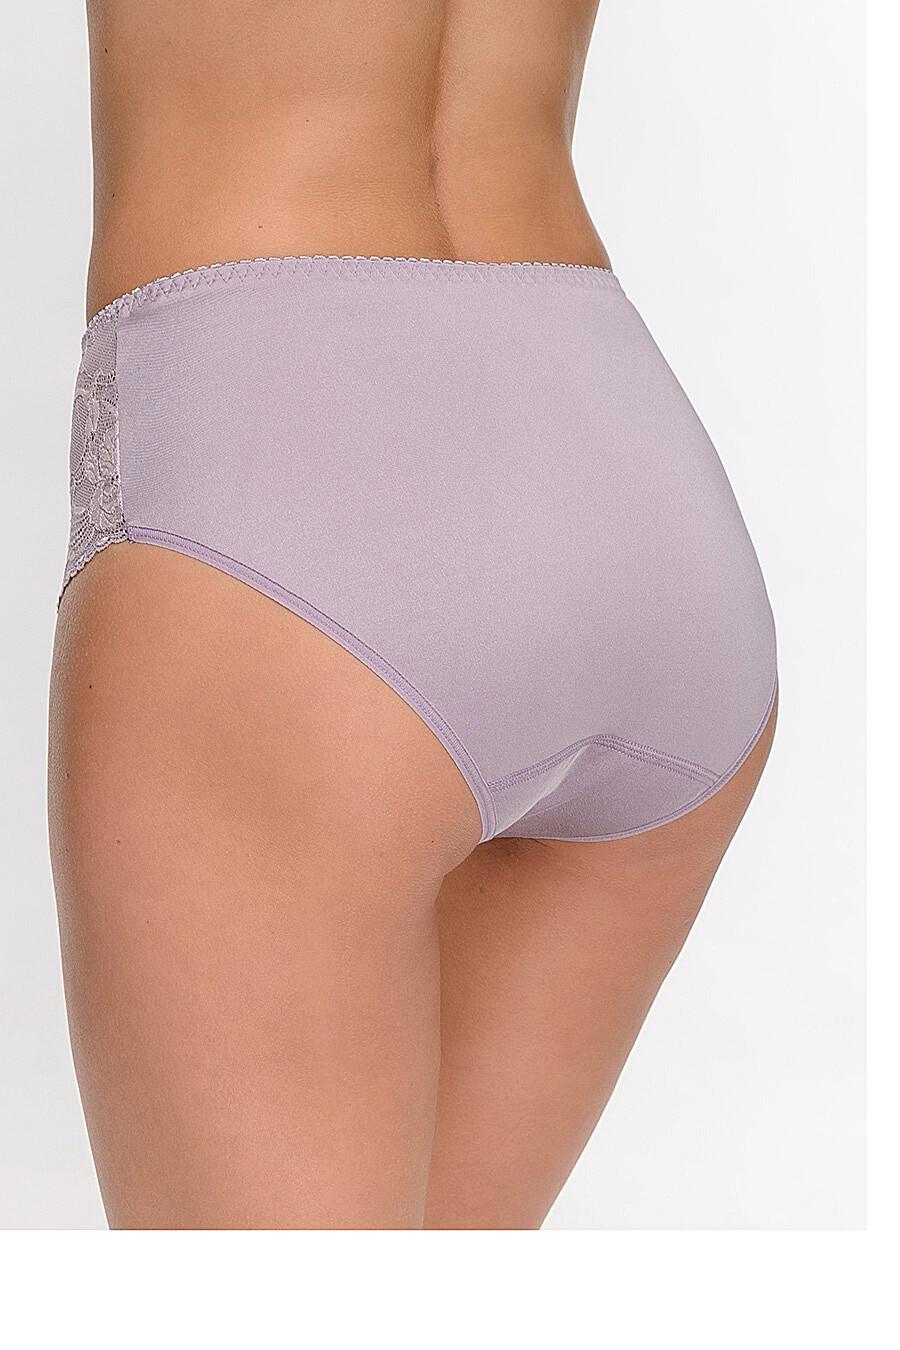 Трусы для женщин MILADY 247788 купить оптом от производителя. Совместная покупка женской одежды в OptMoyo